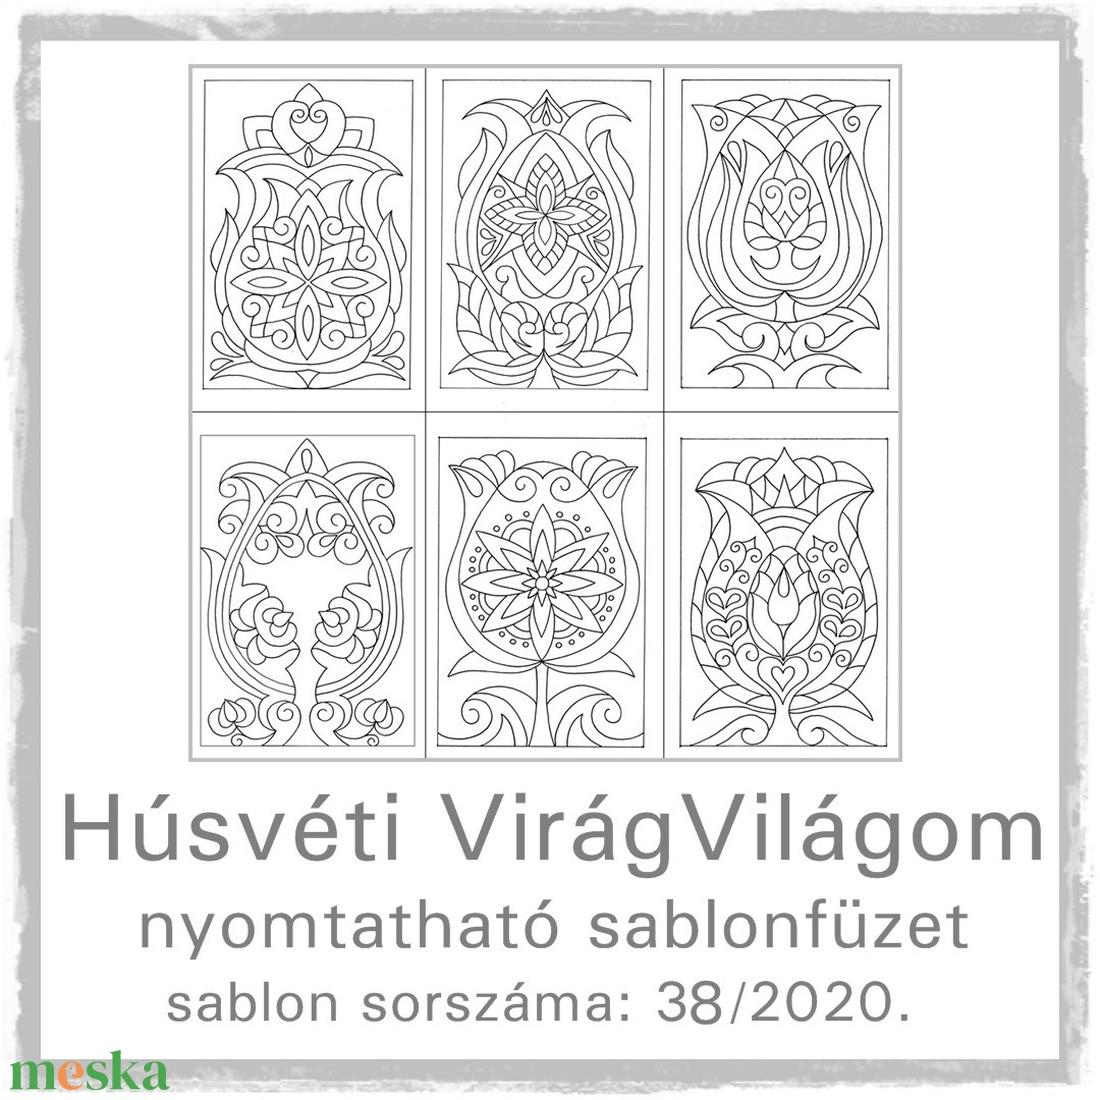 Húsvéti virág-világom 38.- nyomtatható tulipános sablon füzet (kedo) - Meska.hu